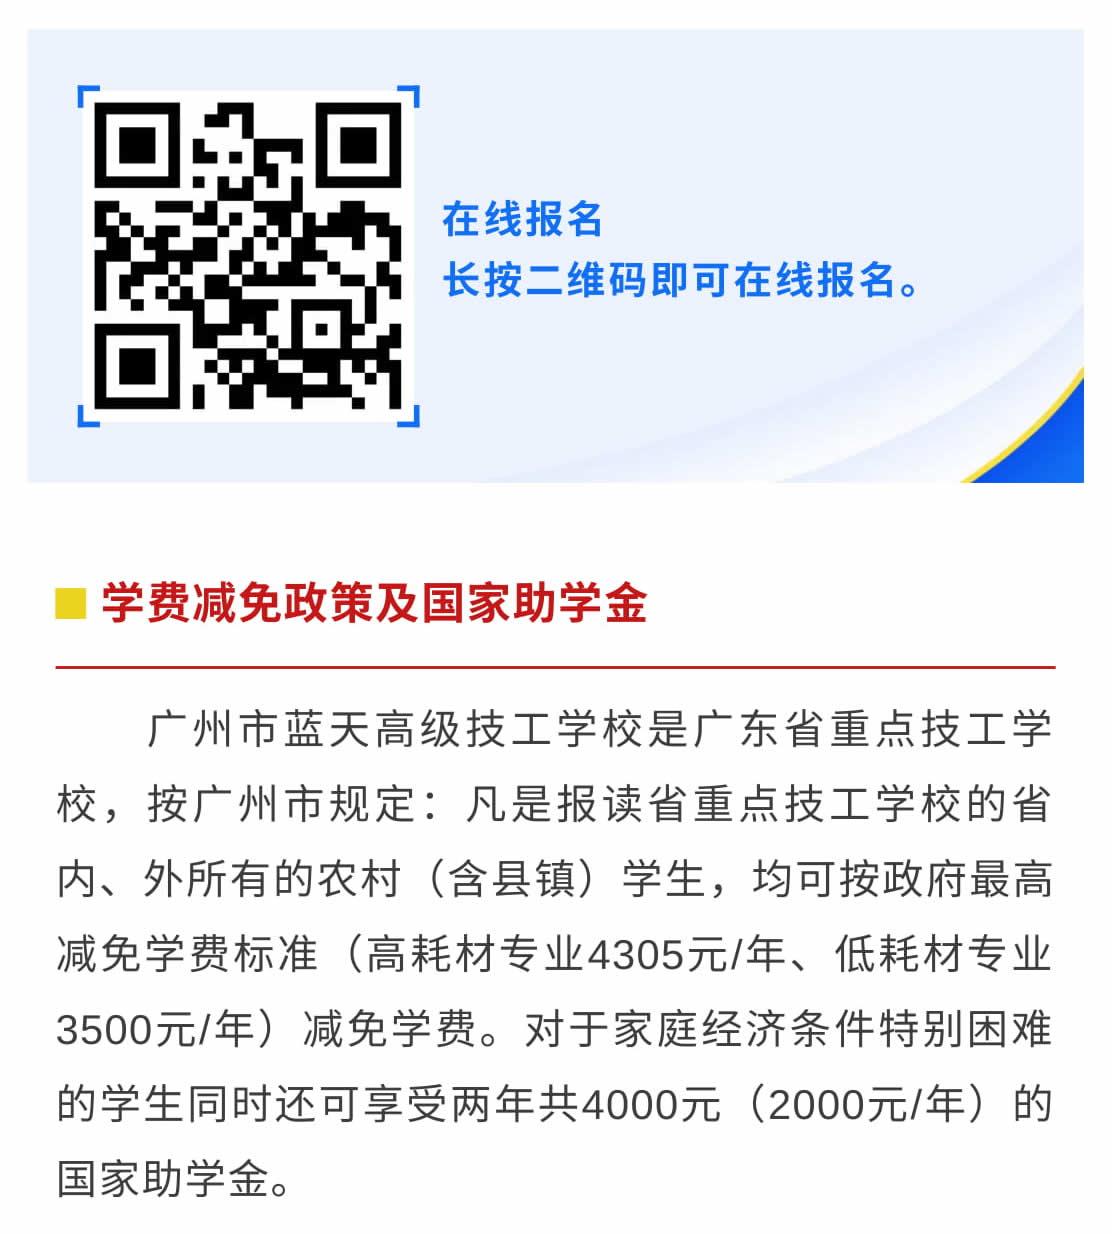 专业介绍 _ 电子商务(初中起点三年制)-1_r9_c1.jpg